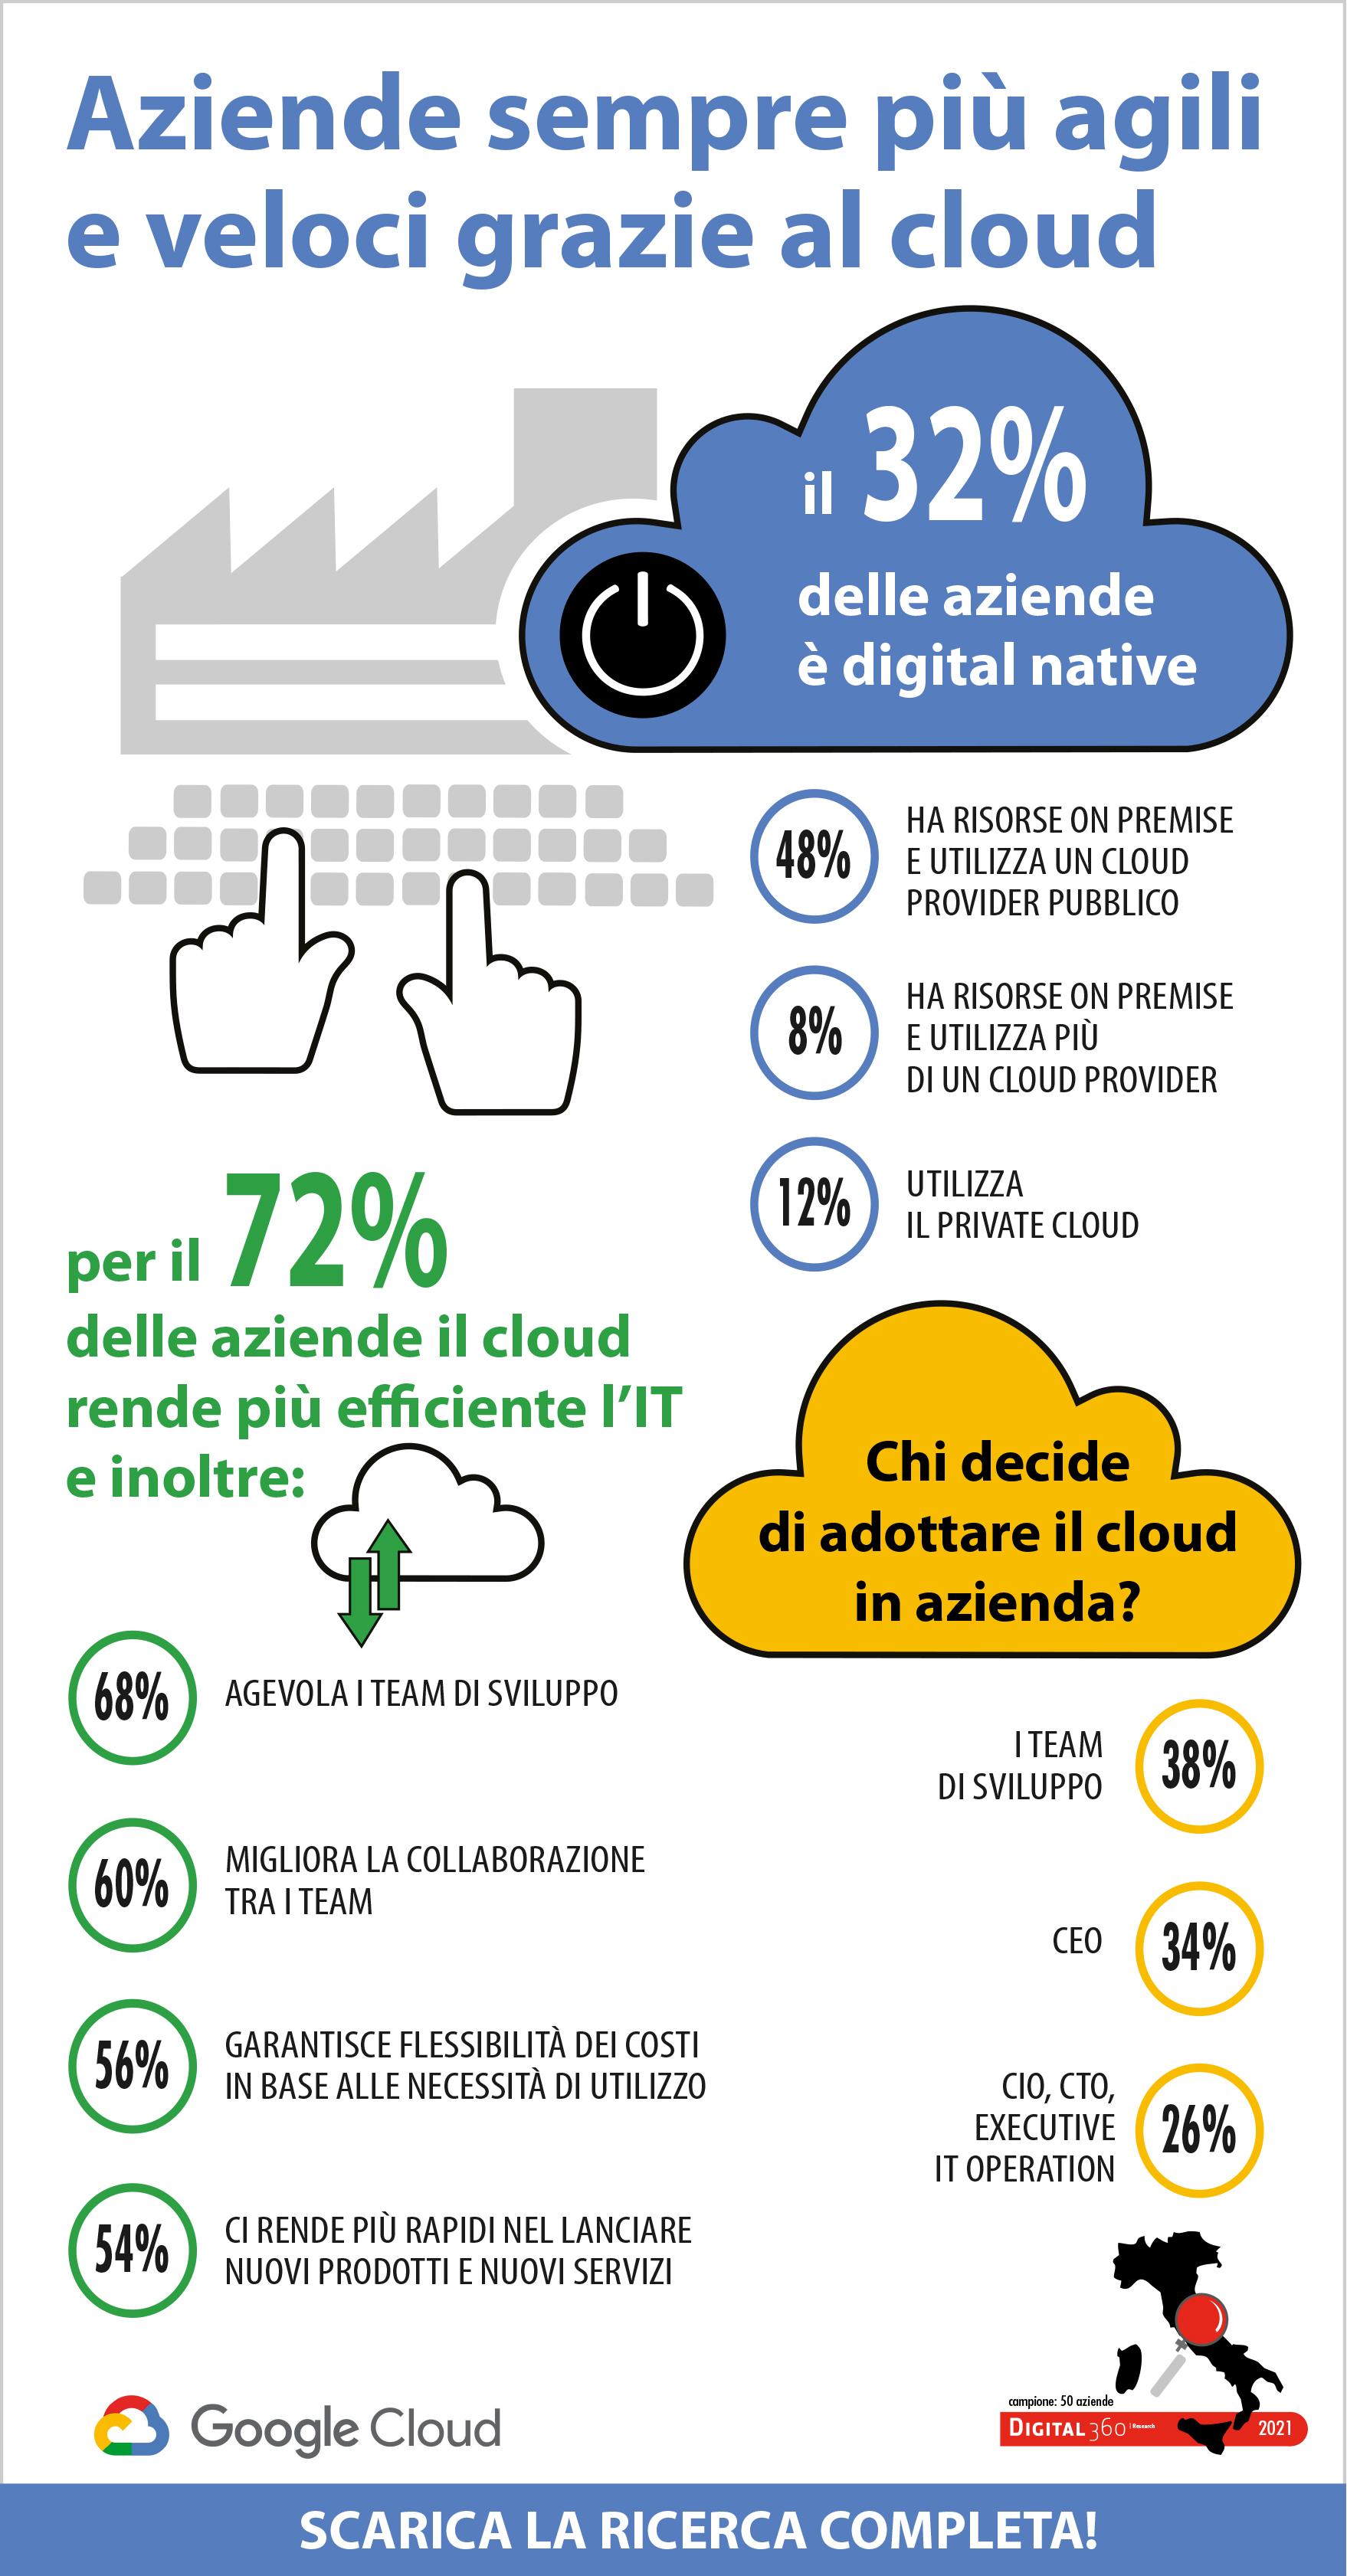 aziende-digital-native